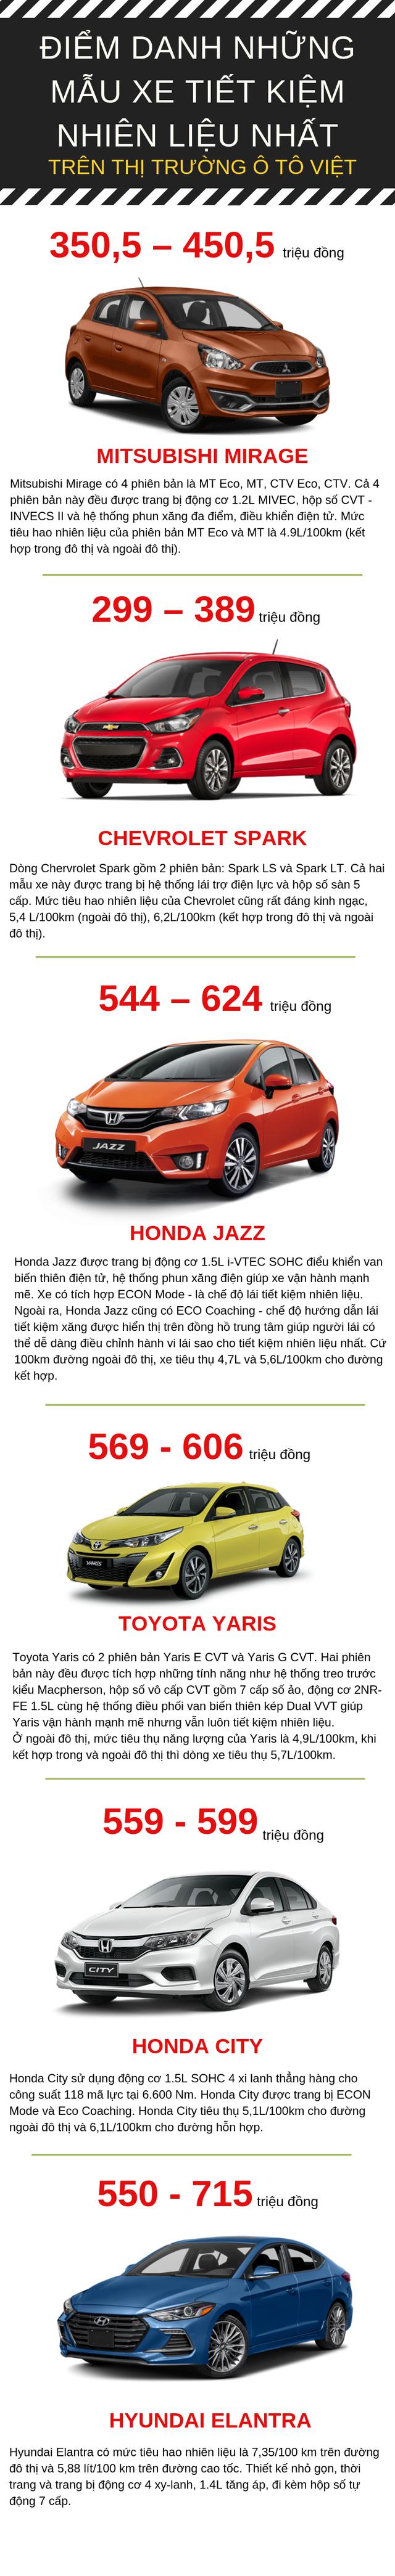 Điểm danh những mẫu ô tô tiết kiệm nhiên liệu, giá siêu rẻ chỉ từ 299 triệu đồng - Ảnh 1.